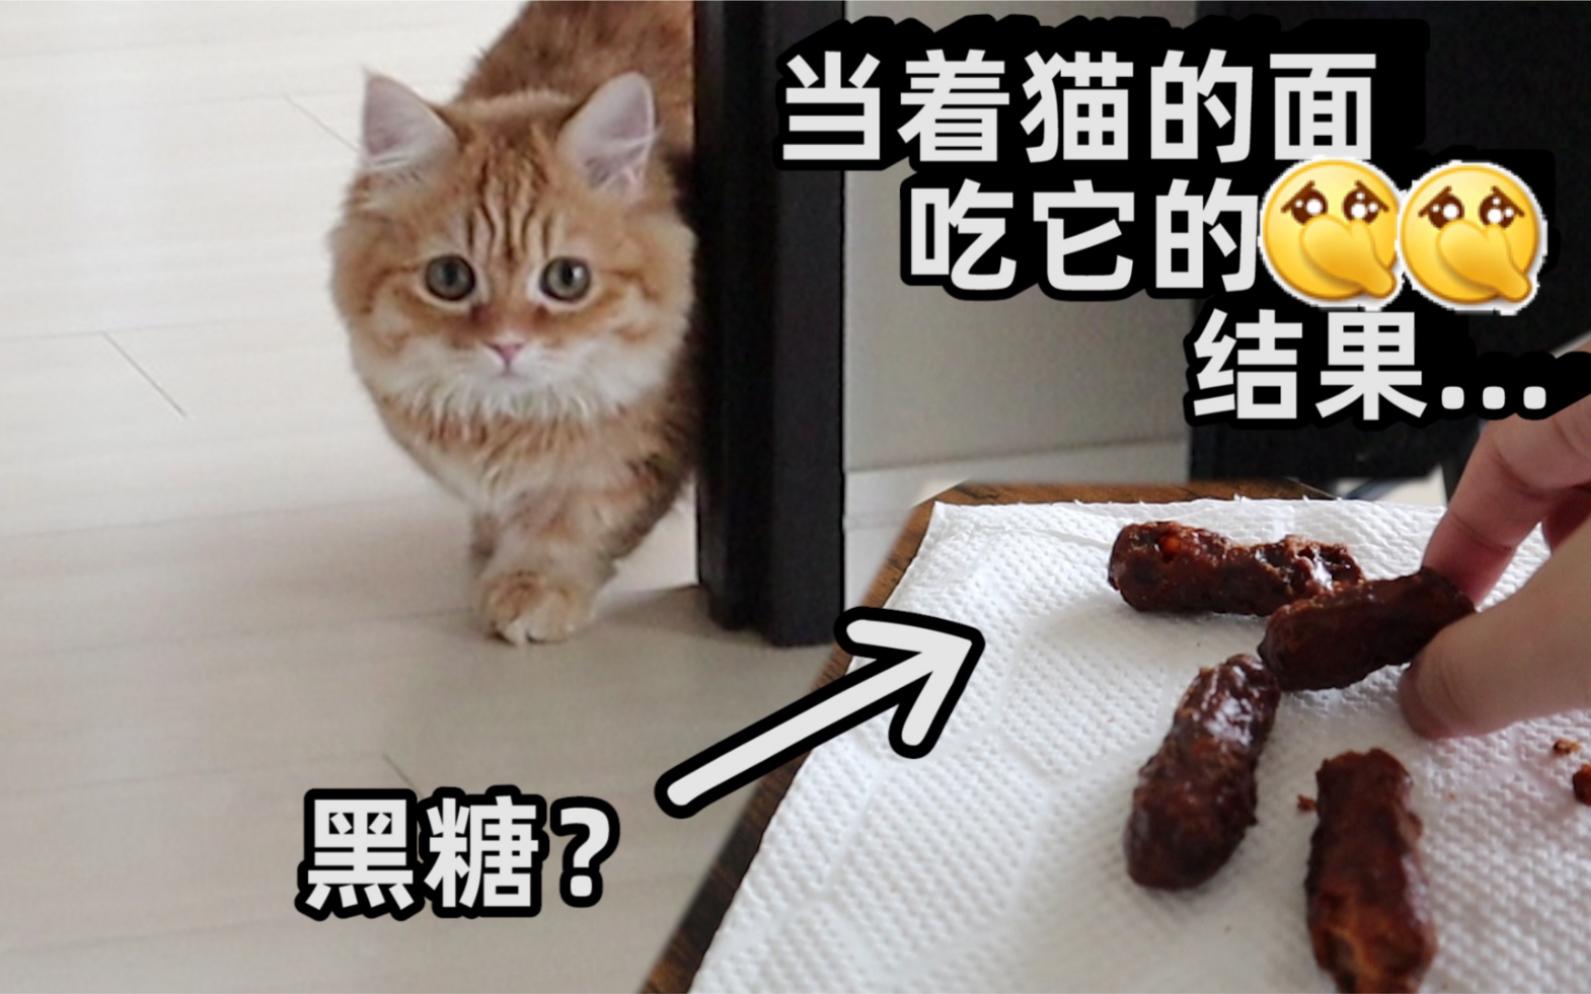 当着猫的面把它的……吃下会怎么样? 整蛊猫咪